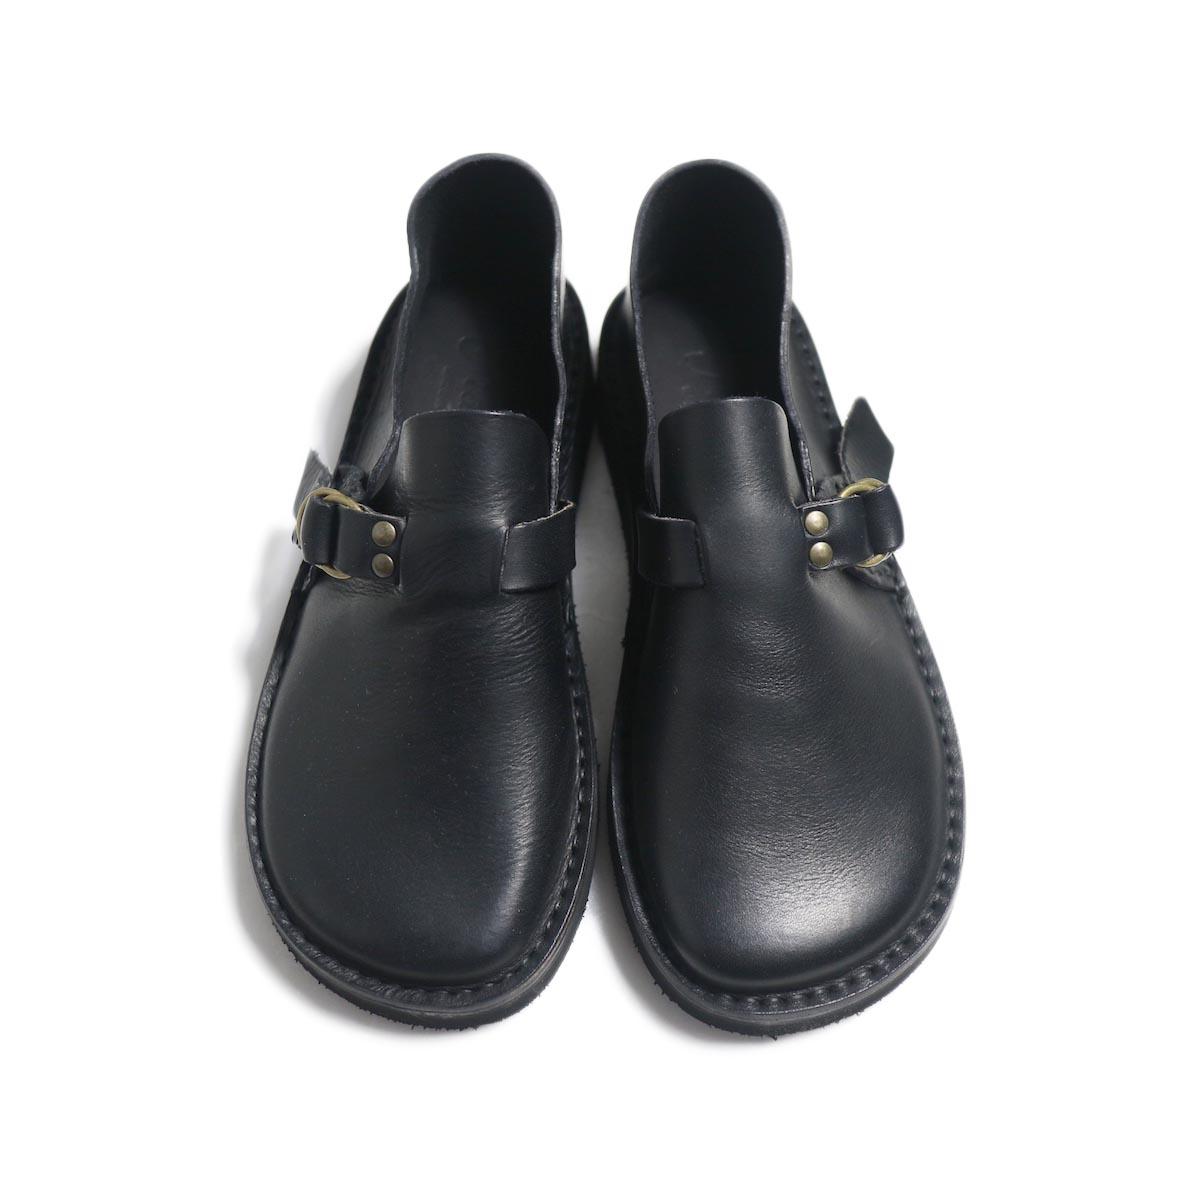 Fracap / R007 Leather Shoes -Black 正面